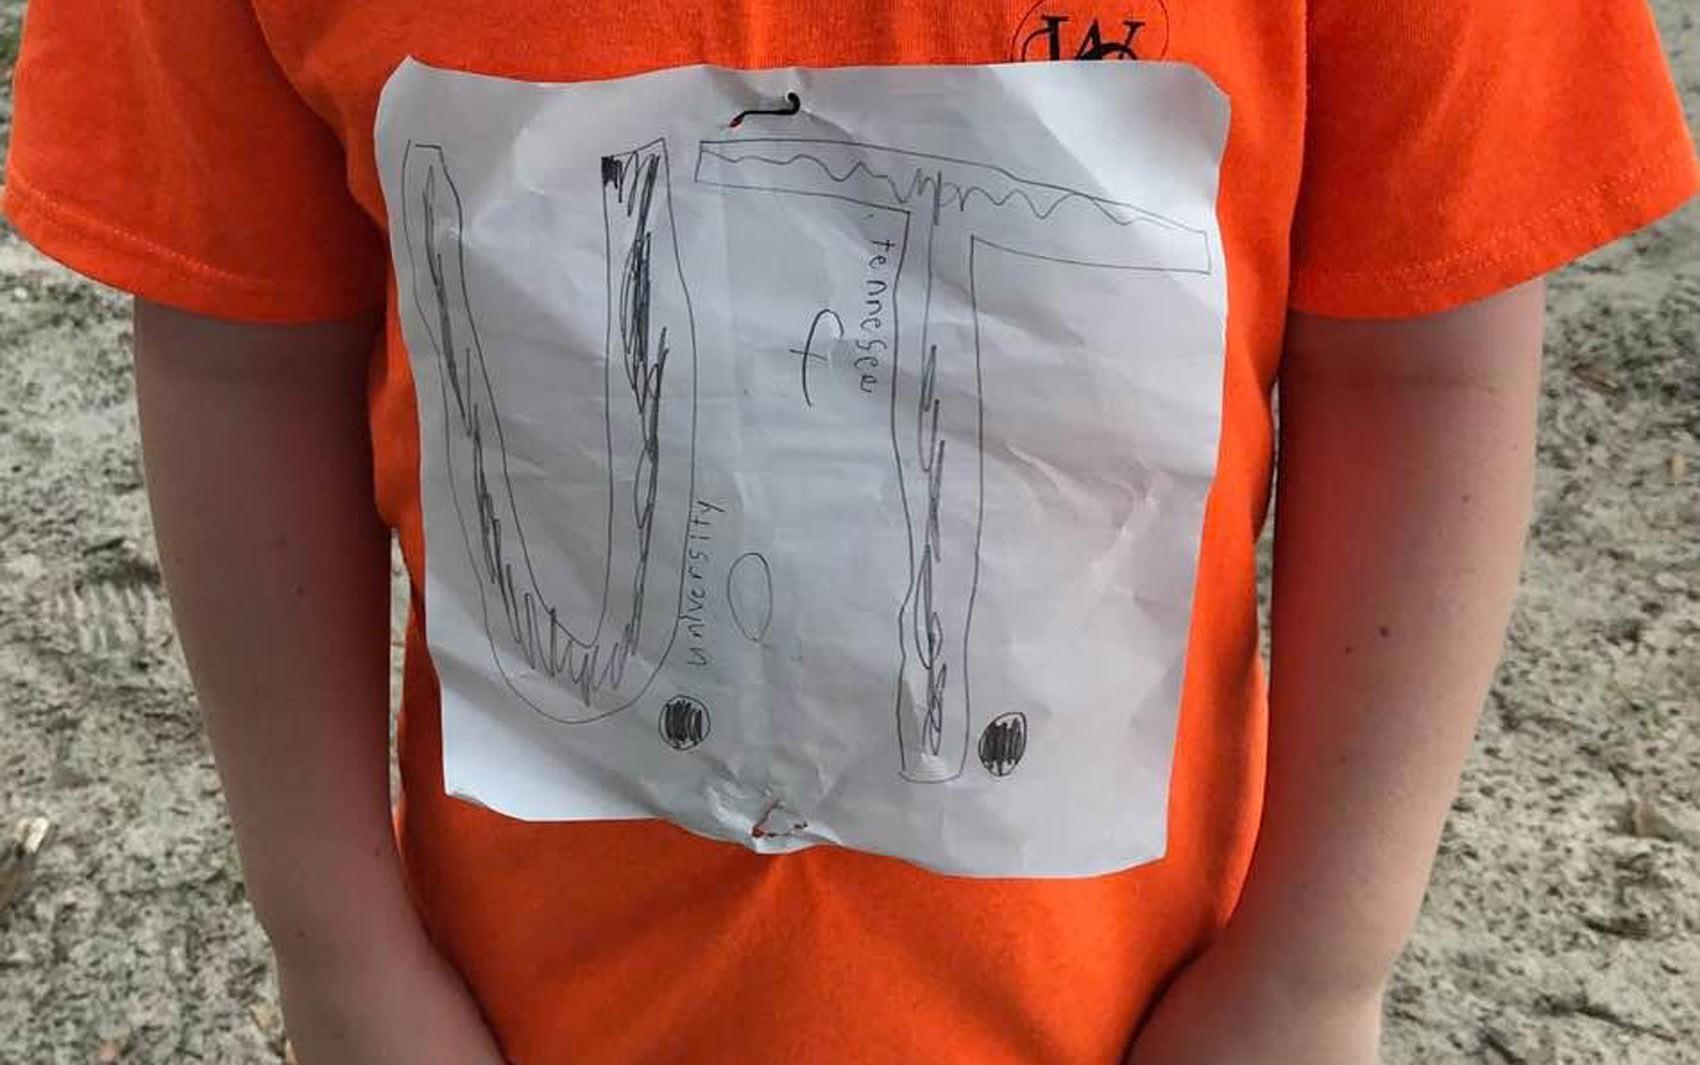 Menino que sofreu bullying por camiseta improvisada de universidade nos EUA ganha bolsa de estudos - Notícias - Plantão Diário